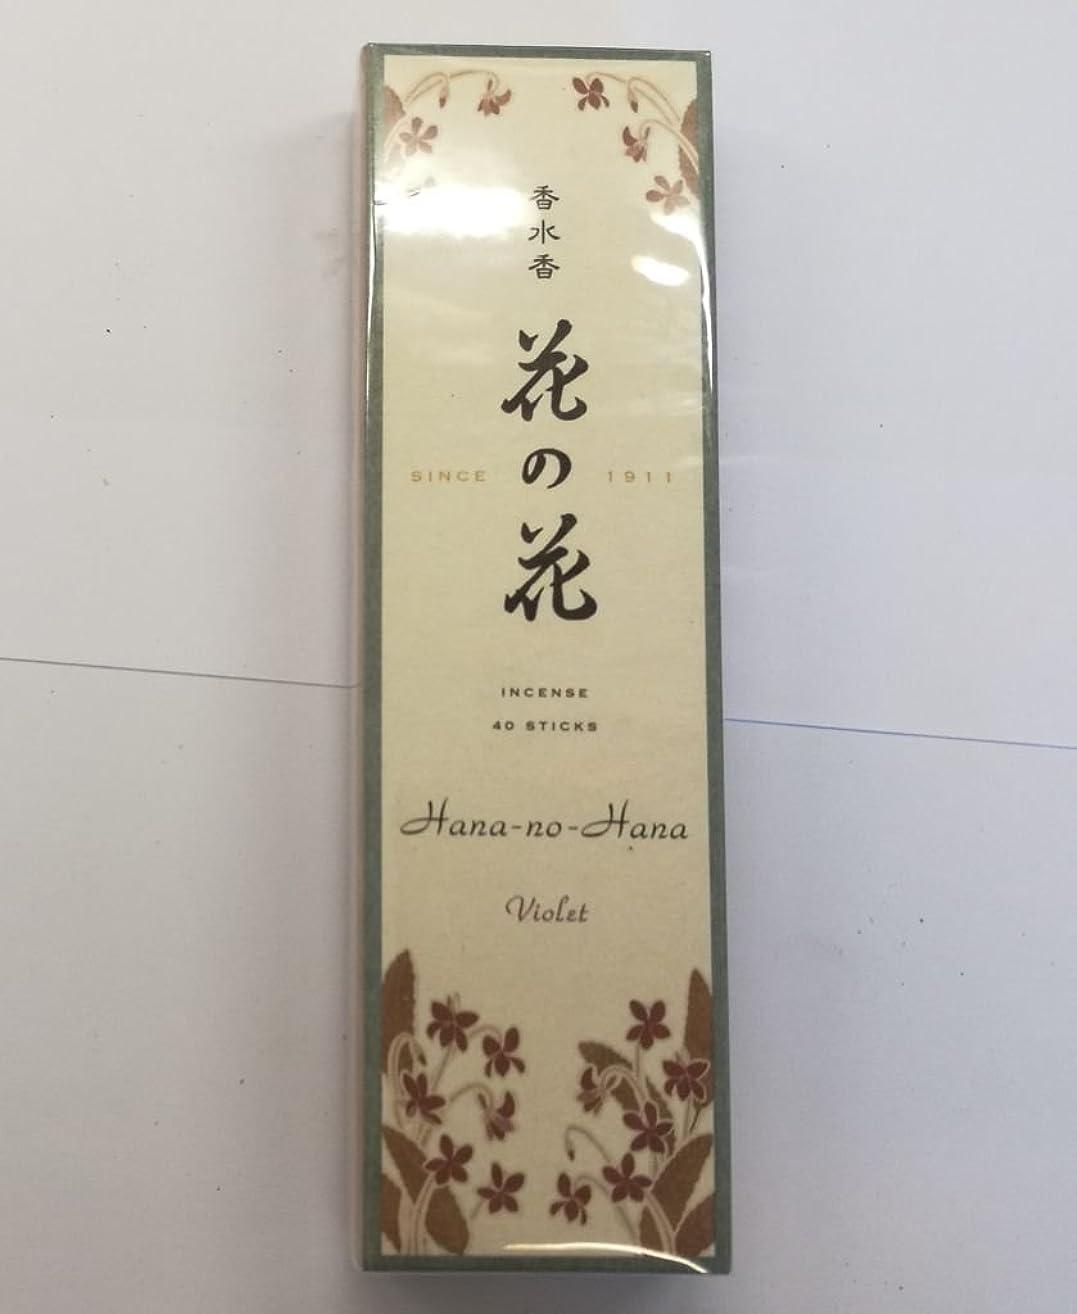 ちょっと待って検索エンジンマーケティングシングルお香 香水香花の花すみれ 長寸40本入(30007)